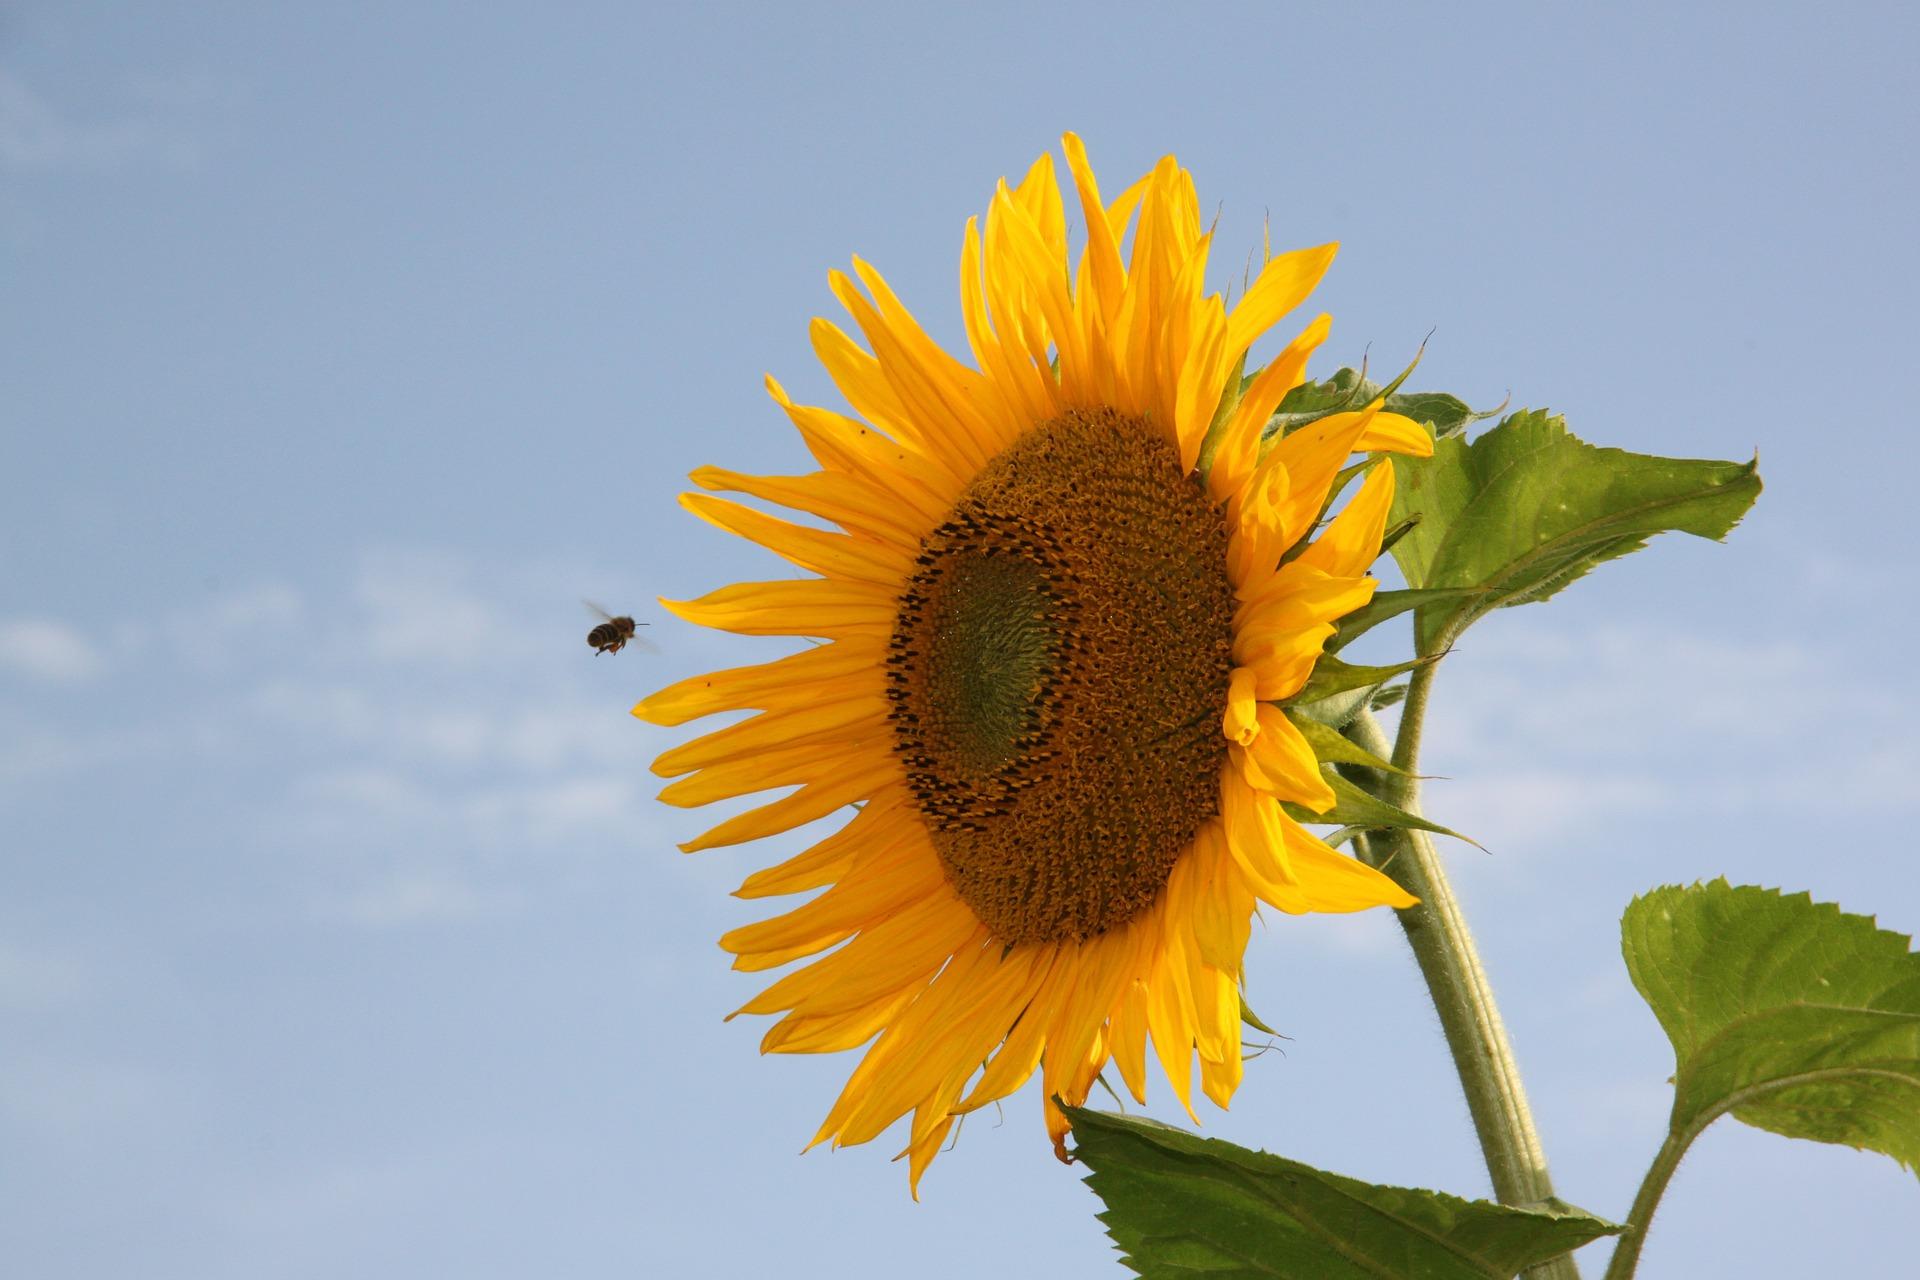 सूरजमुखी, मधुमक्खी, पराग, ग्रीष्मकालीन, आकाश - HD वॉलपेपर - प्रोफेसर-falken.com